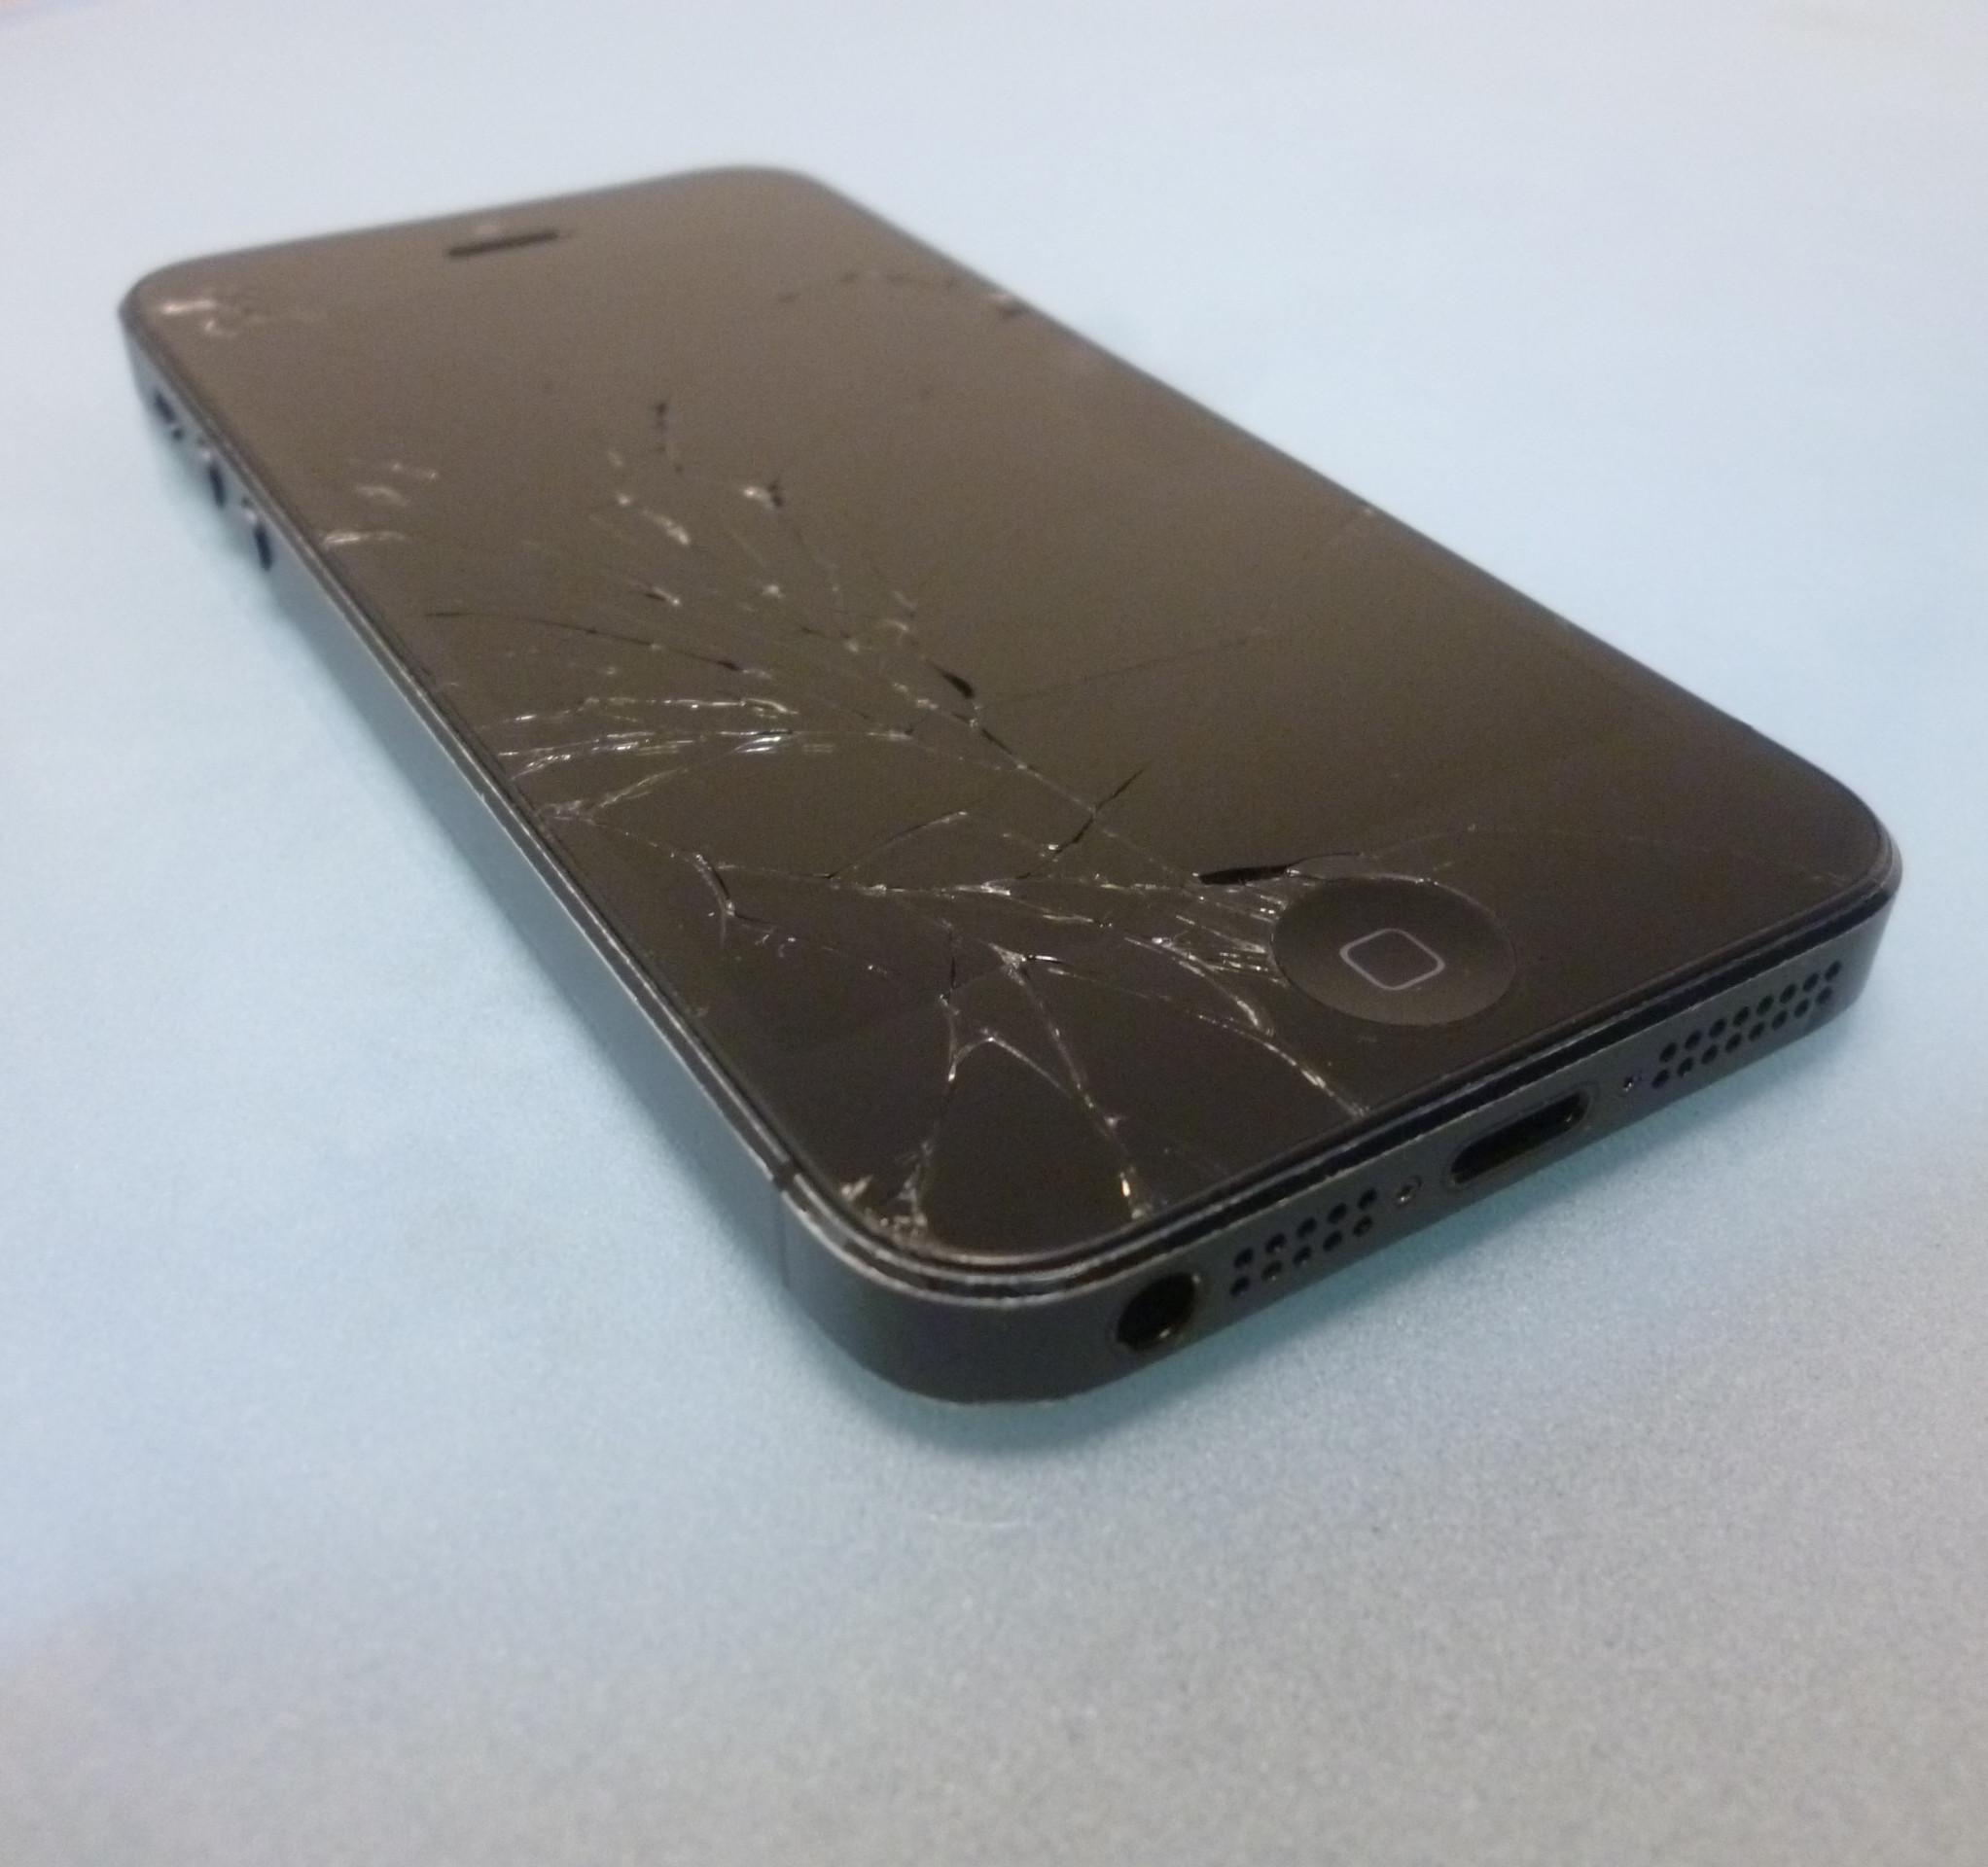 iphone 5 5s displaytausch schwarz wei display touchscreen glas tausch reparatur ebay. Black Bedroom Furniture Sets. Home Design Ideas